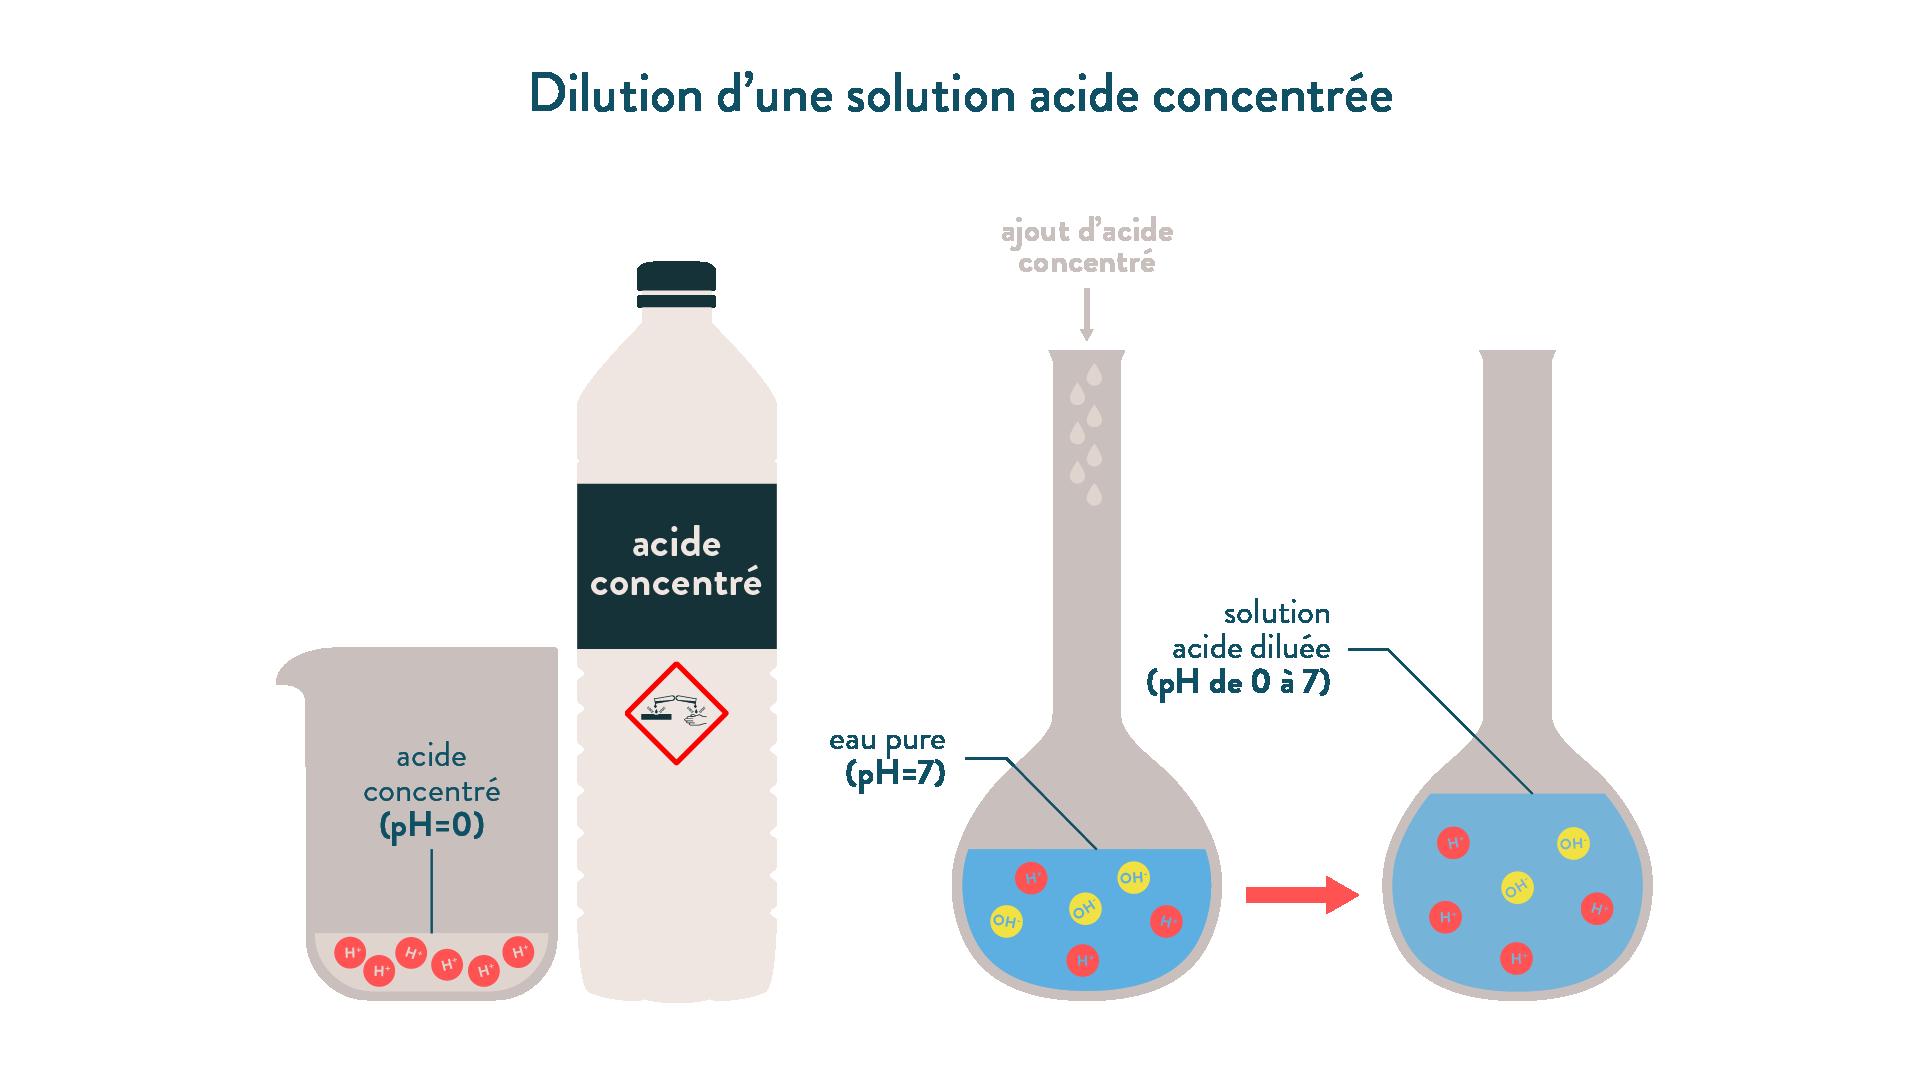 Dilution d'une solution acide concentrée